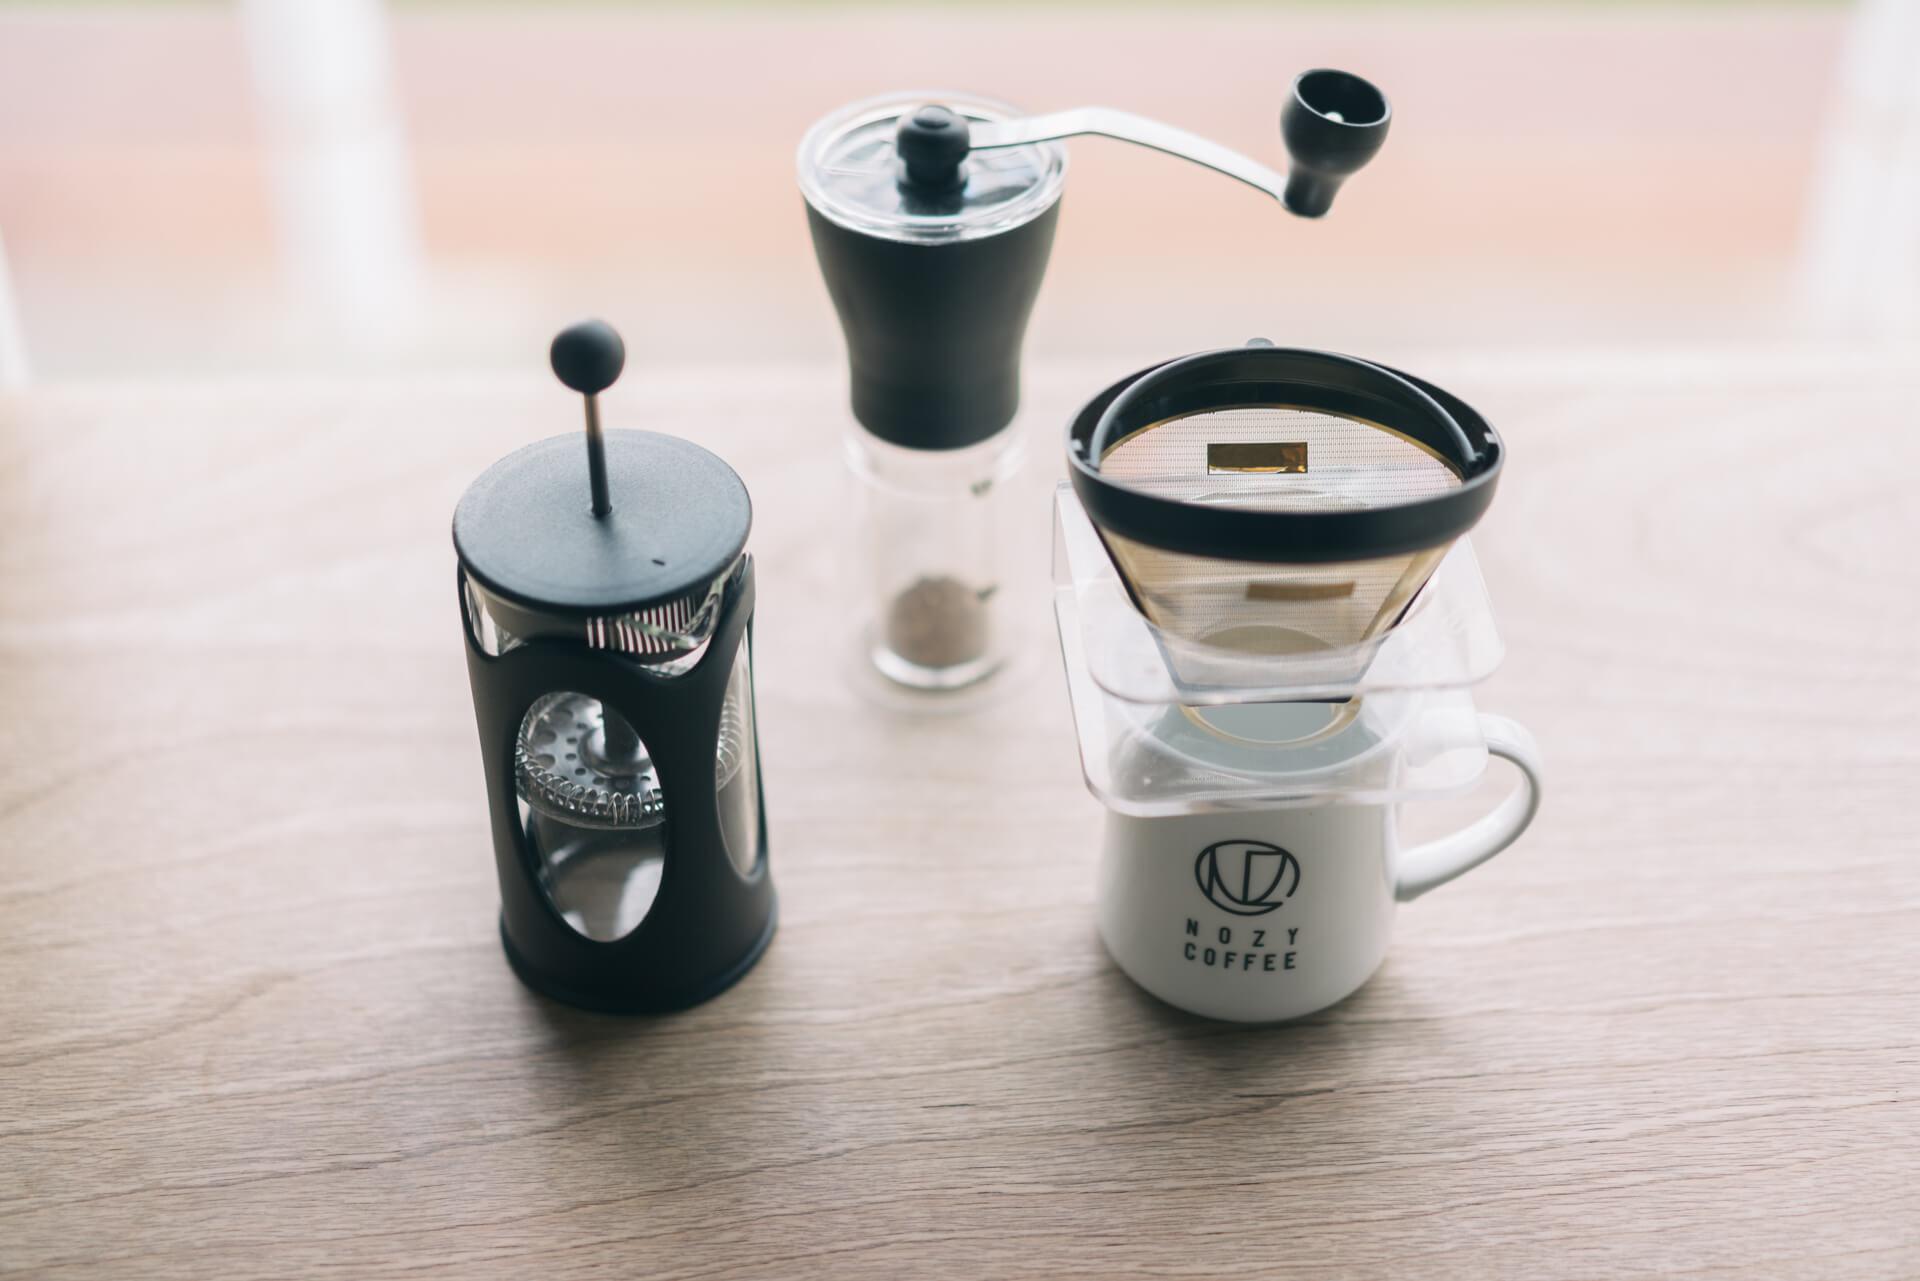 お店で販売もしている、おすすめのコーヒー道具。左から、フレンチプレス、コーヒーミル、金属フィルターのドリッパーと、オリジナルのマグカップ。